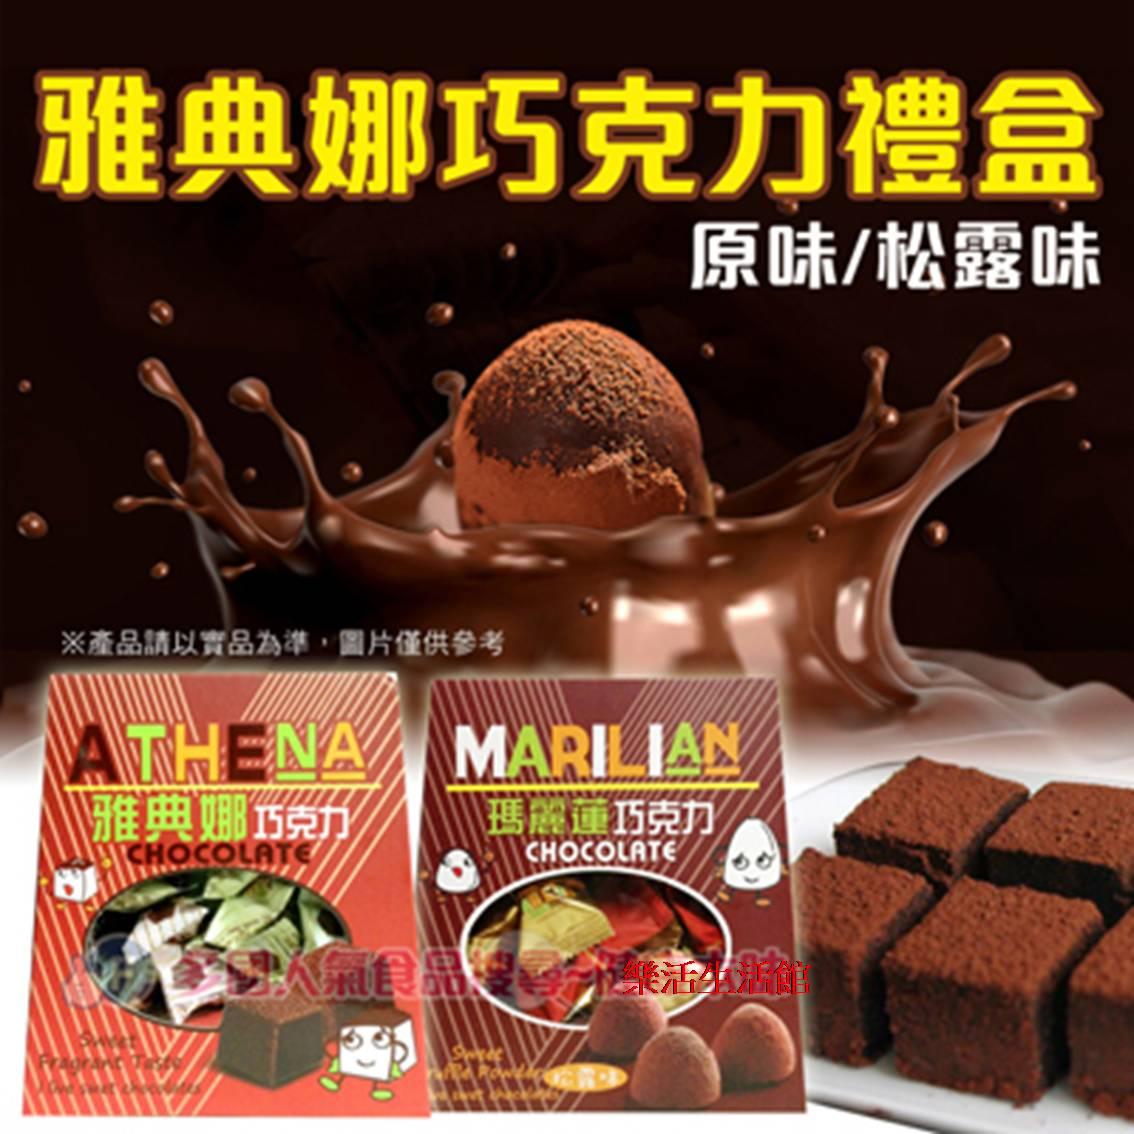 雅典娜巧克力禮盒原味可可/松露口味